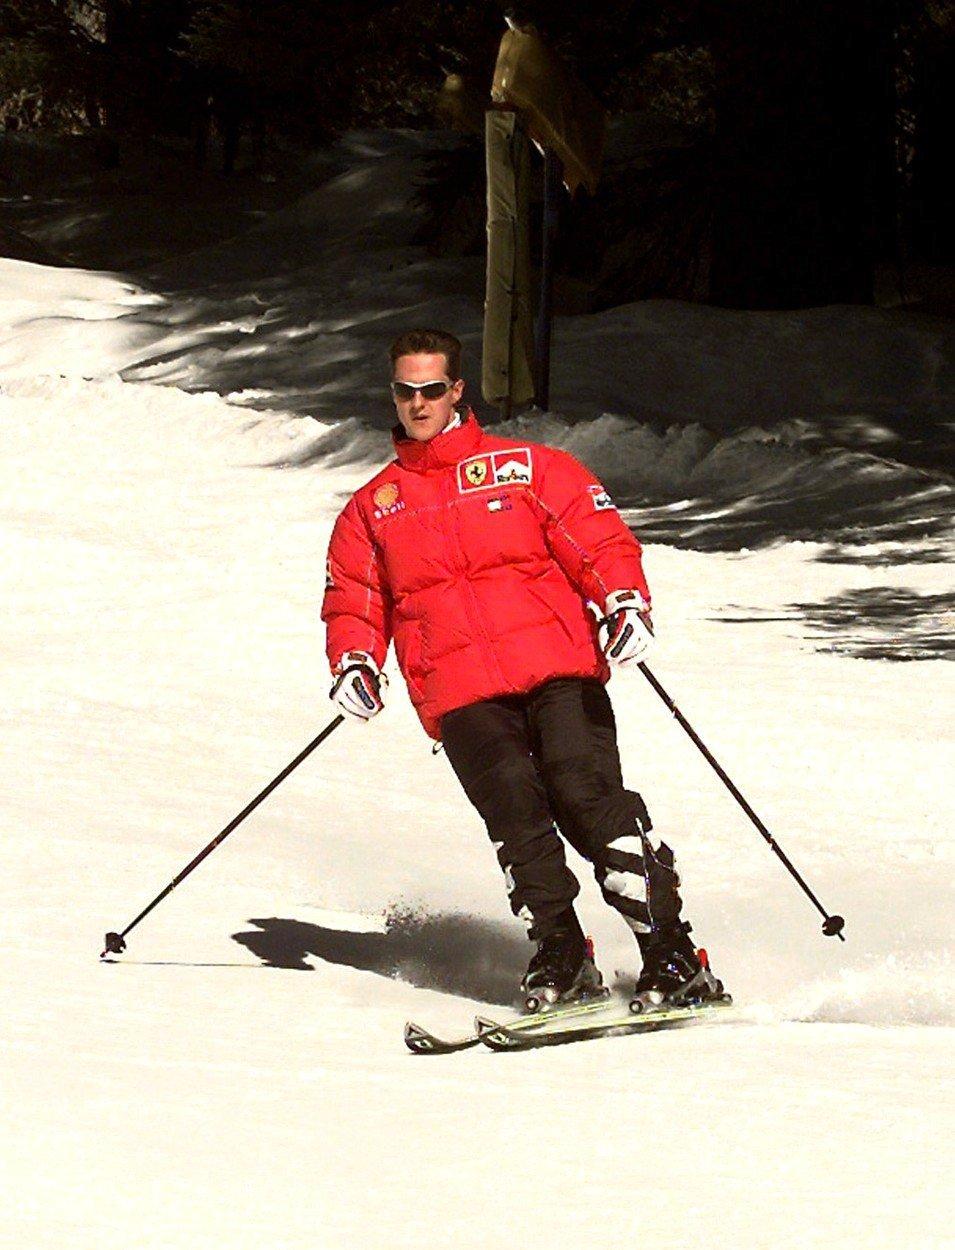 Michael Schumacher velmi rád lyžoval, jeho vášeň se mu ale stala osudnou...